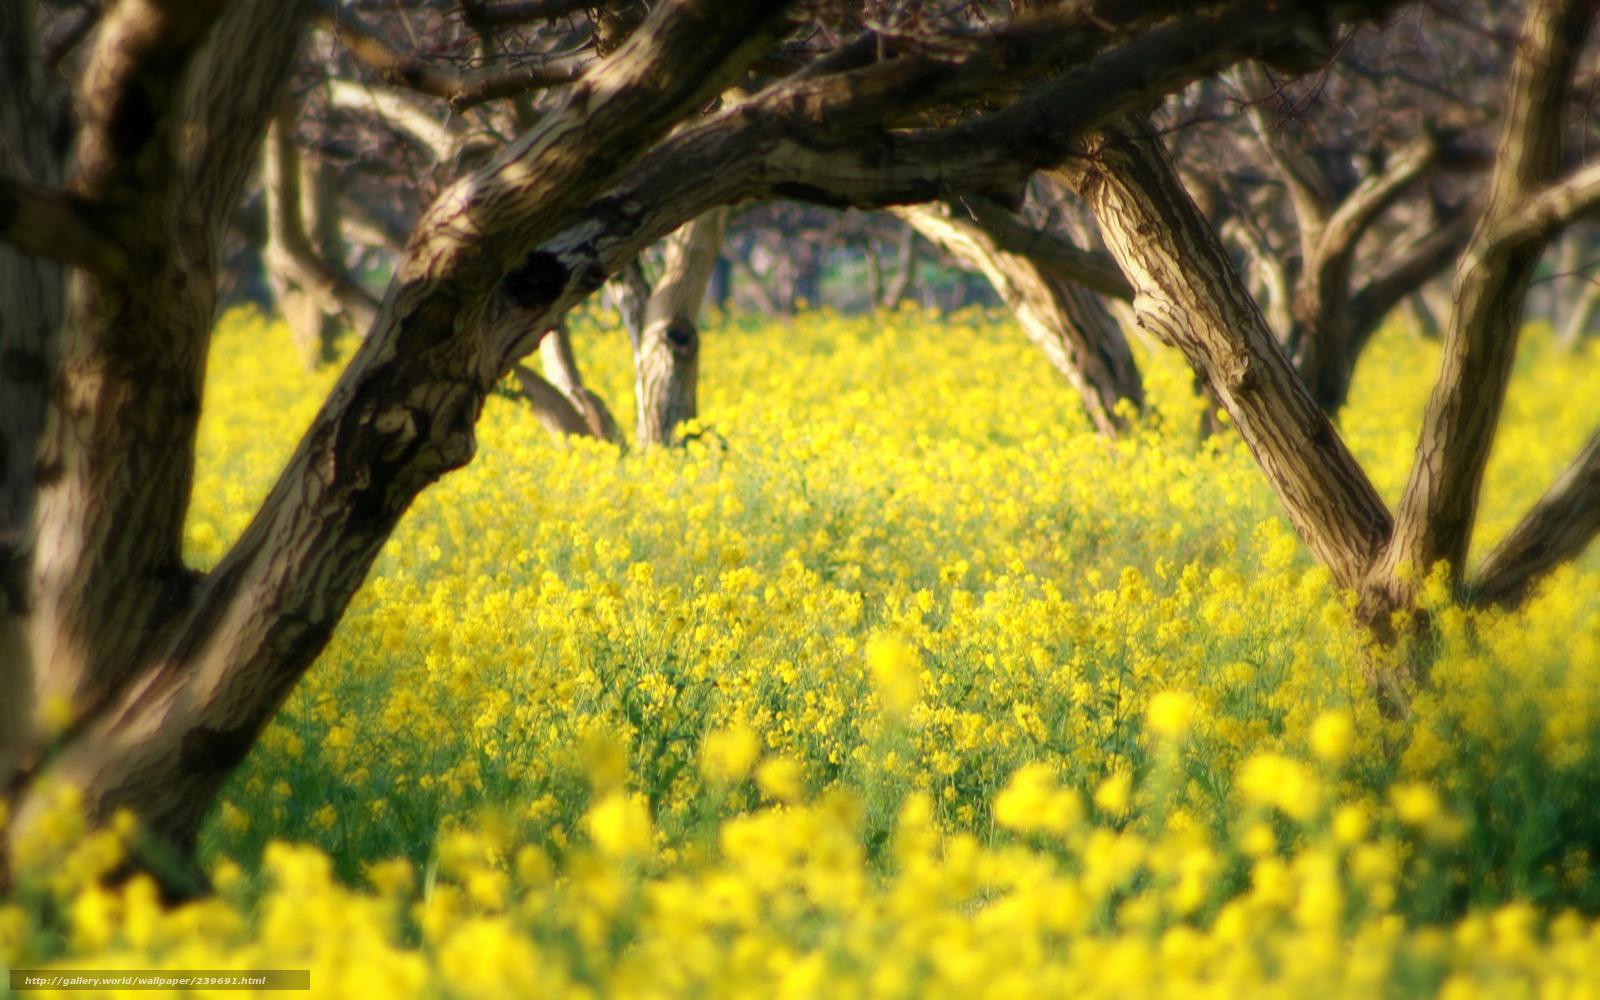 Tlcharger Fond d'ecran Nature,  printemps,  t,  images de printemps pour le bureau Fonds d'ecran gratuits pour votre rsolution du bureau 2560x1600 — image №239691